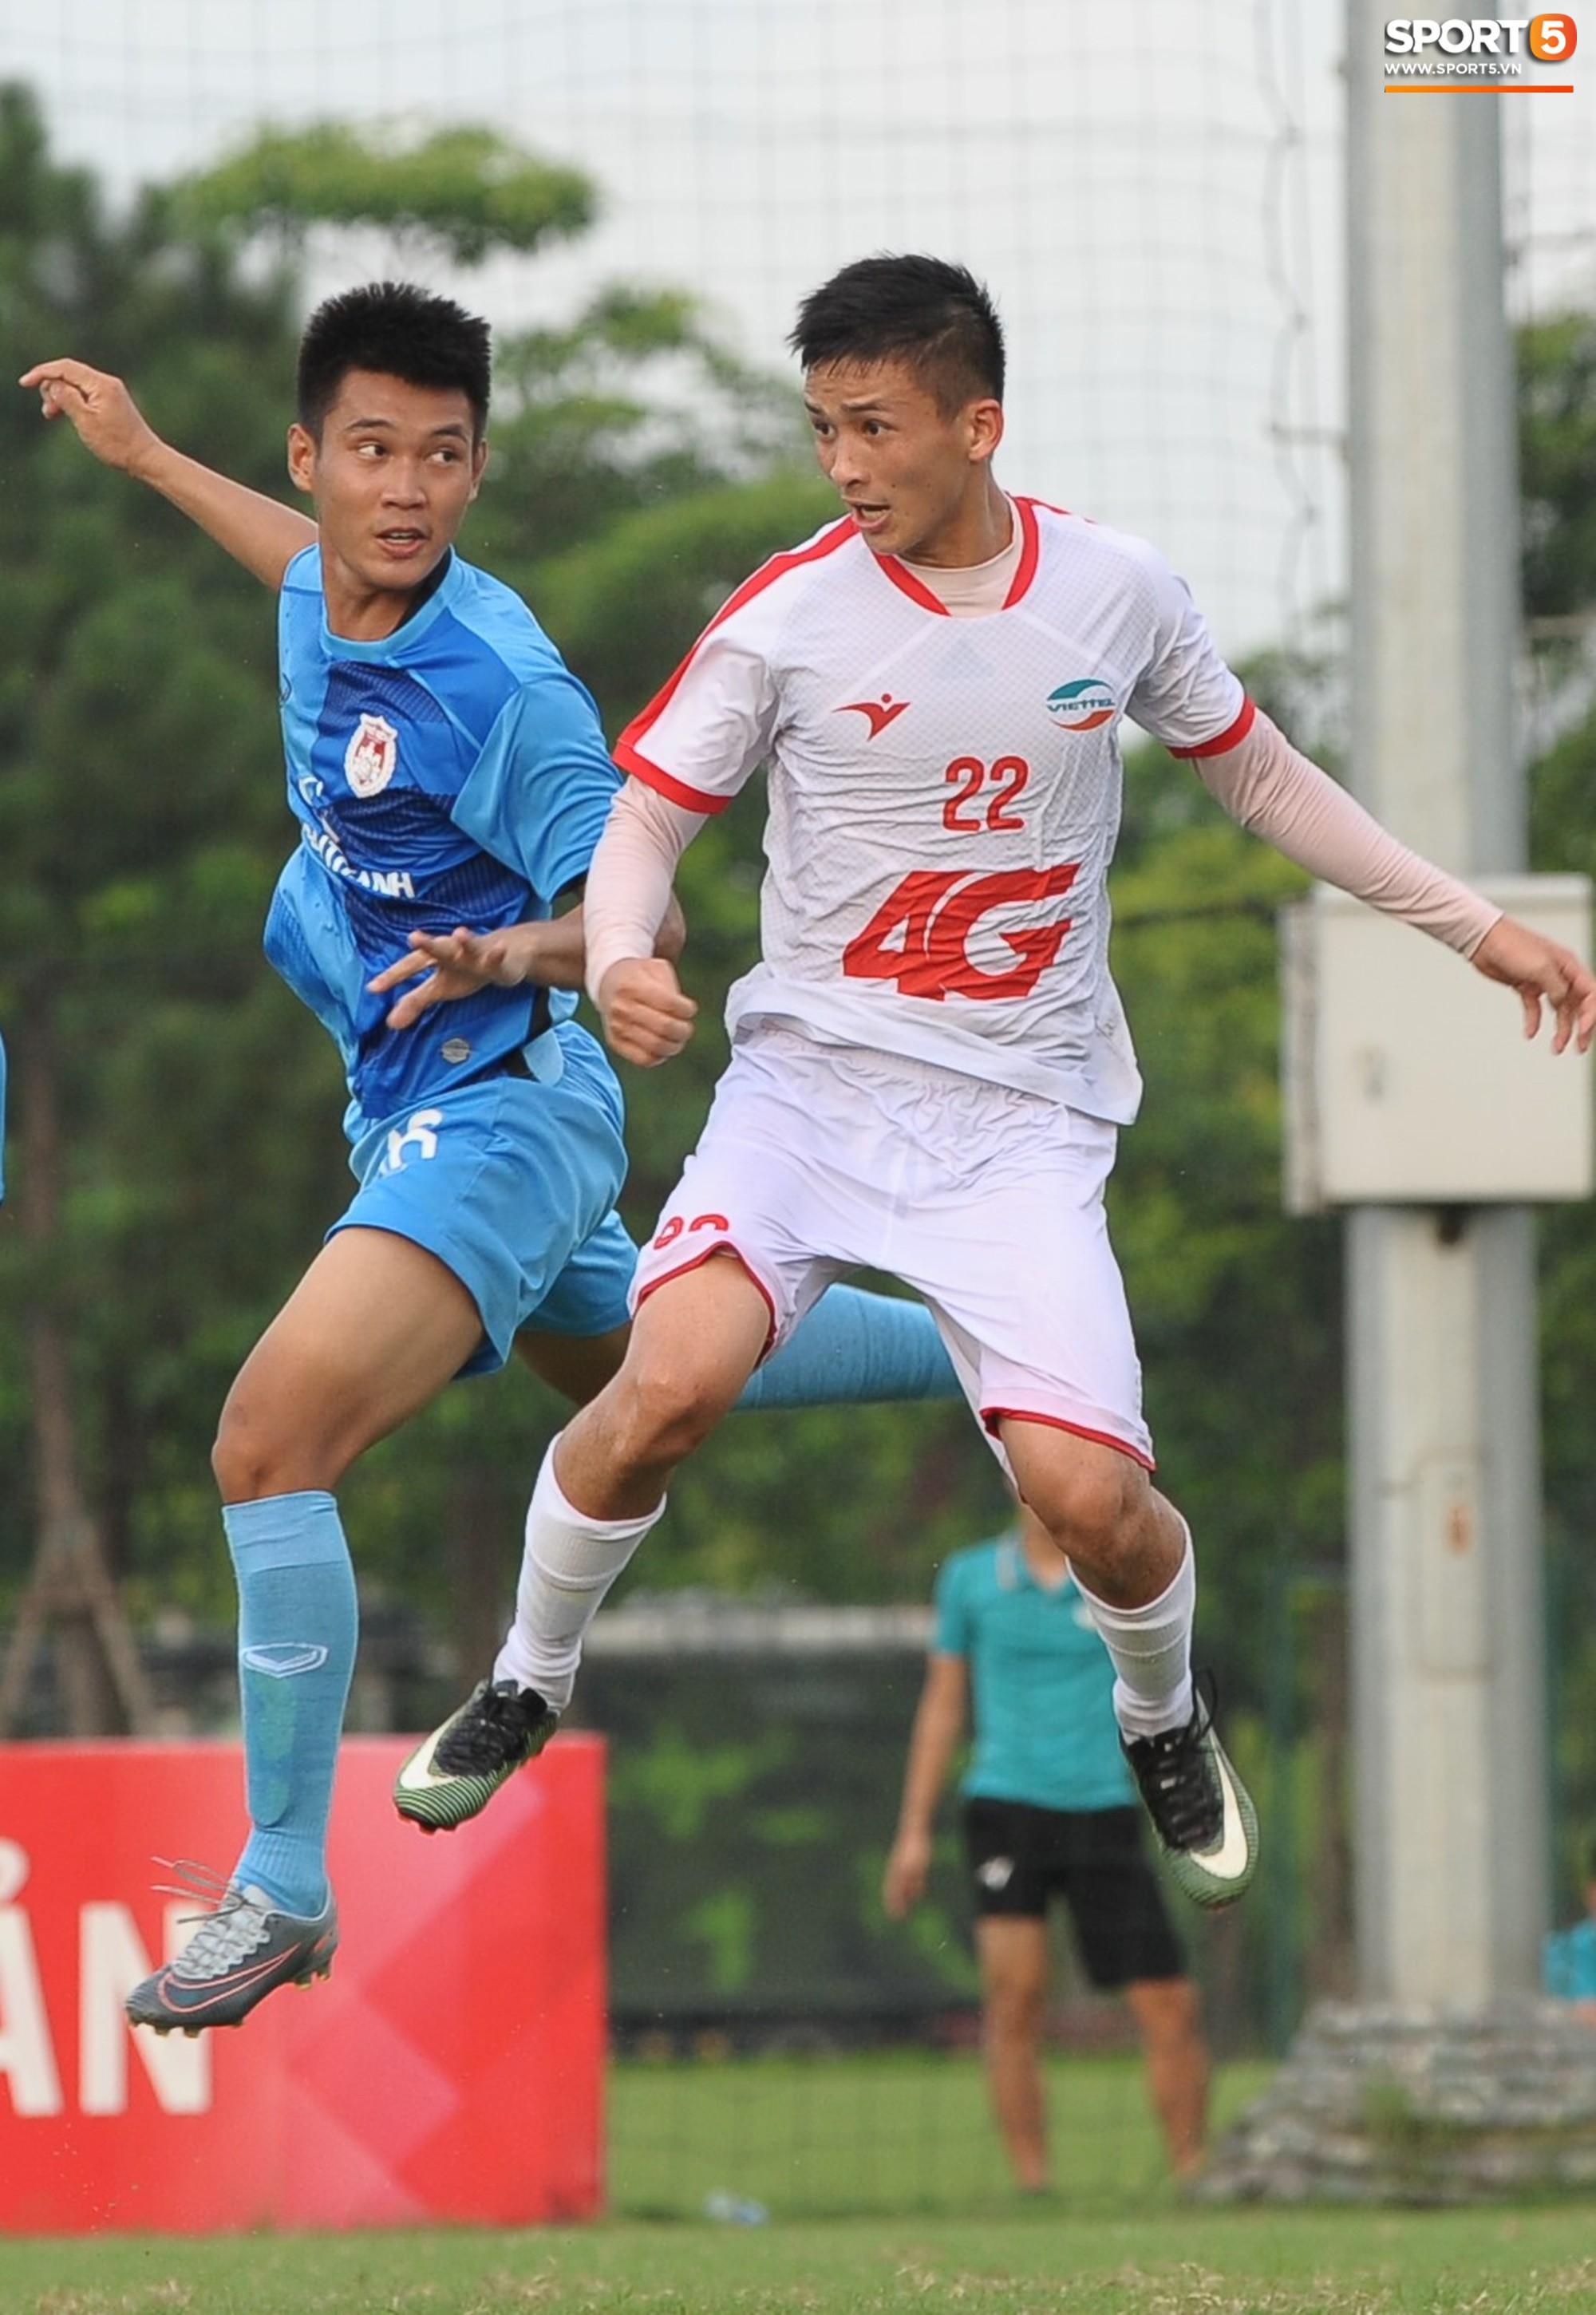 Sao trẻ U23 lập công, Viettel để Phố Hiến cầm hòa 1-1 trong ngày khai mạc giải U21 Quốc gia - Ảnh 13.